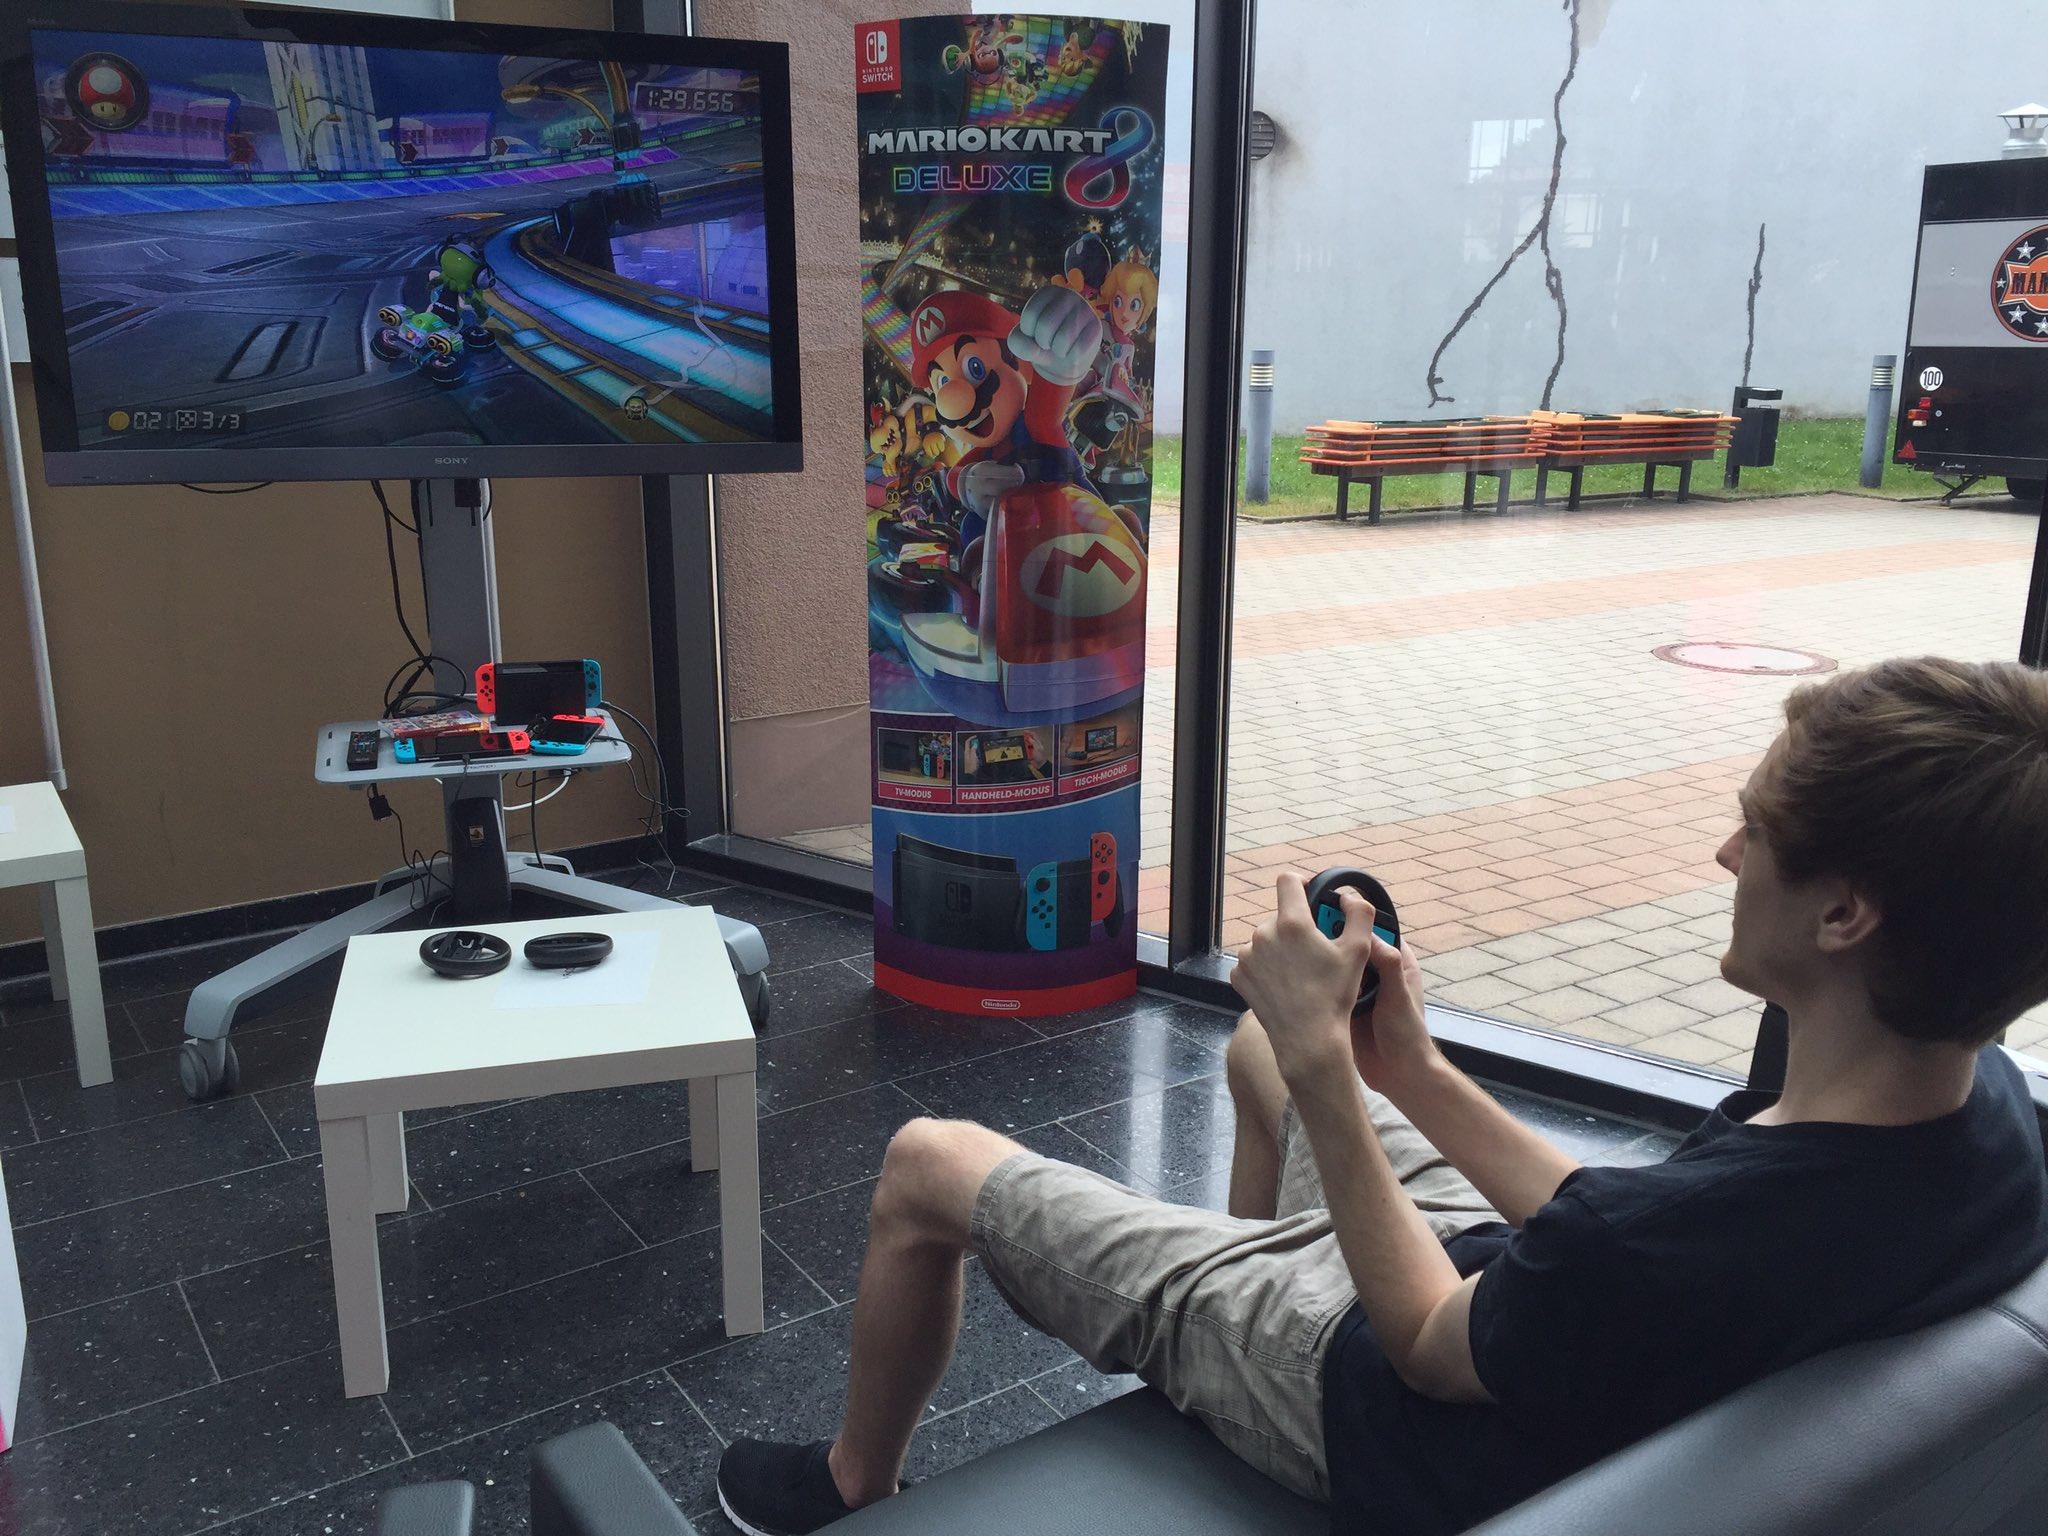 Die Spielestation mit den @NintendoDE Switches ist aufgebaut @HS_Harz - @krischkrasch testet sie. #ADD_ON #gamedev #Nintendo #MarioKart https://t.co/AEB706gQHf